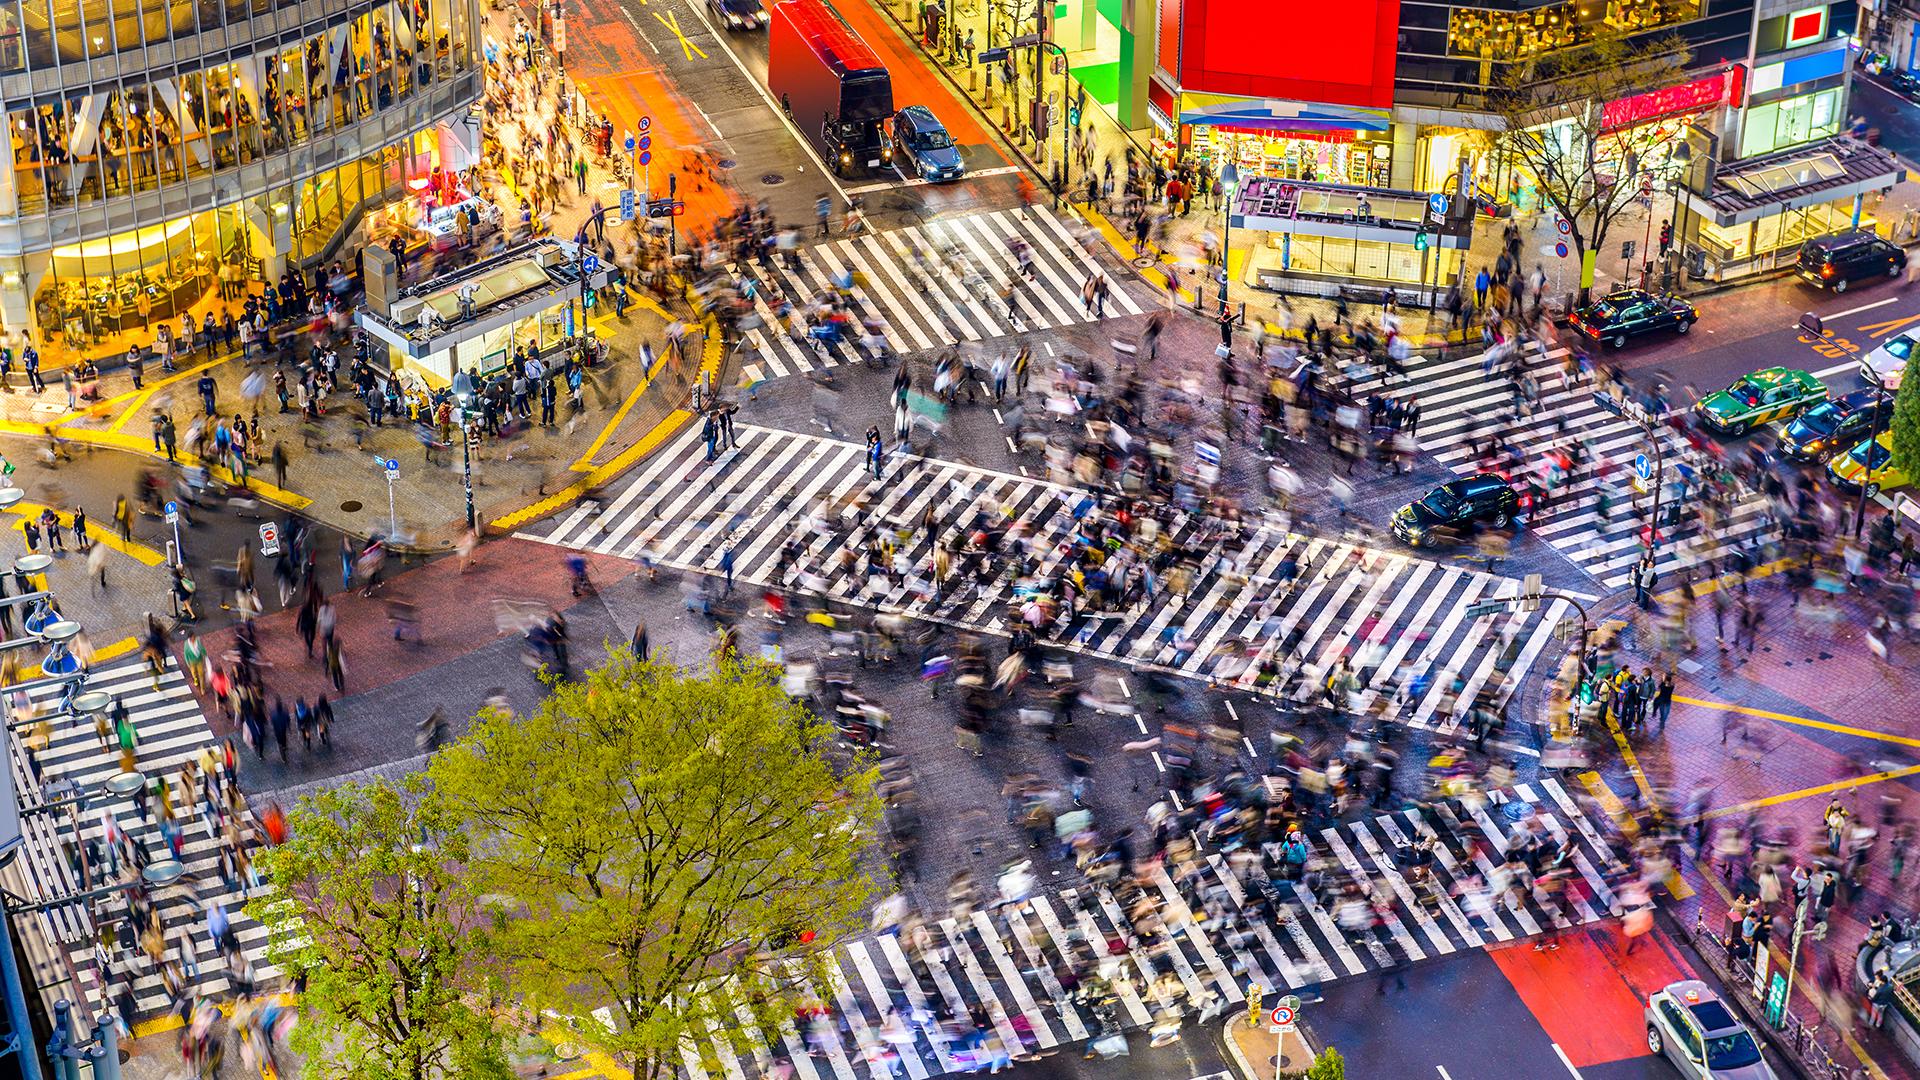 Por tercera vez en cinco años, Tokio ocupa el primer lugar de la lista. Cuando se trata de delincuencia en la capital de facto de Japón, sucede algo curioso: a menudo se dice que hay demasiados policías, no hay suficientes delincuentes